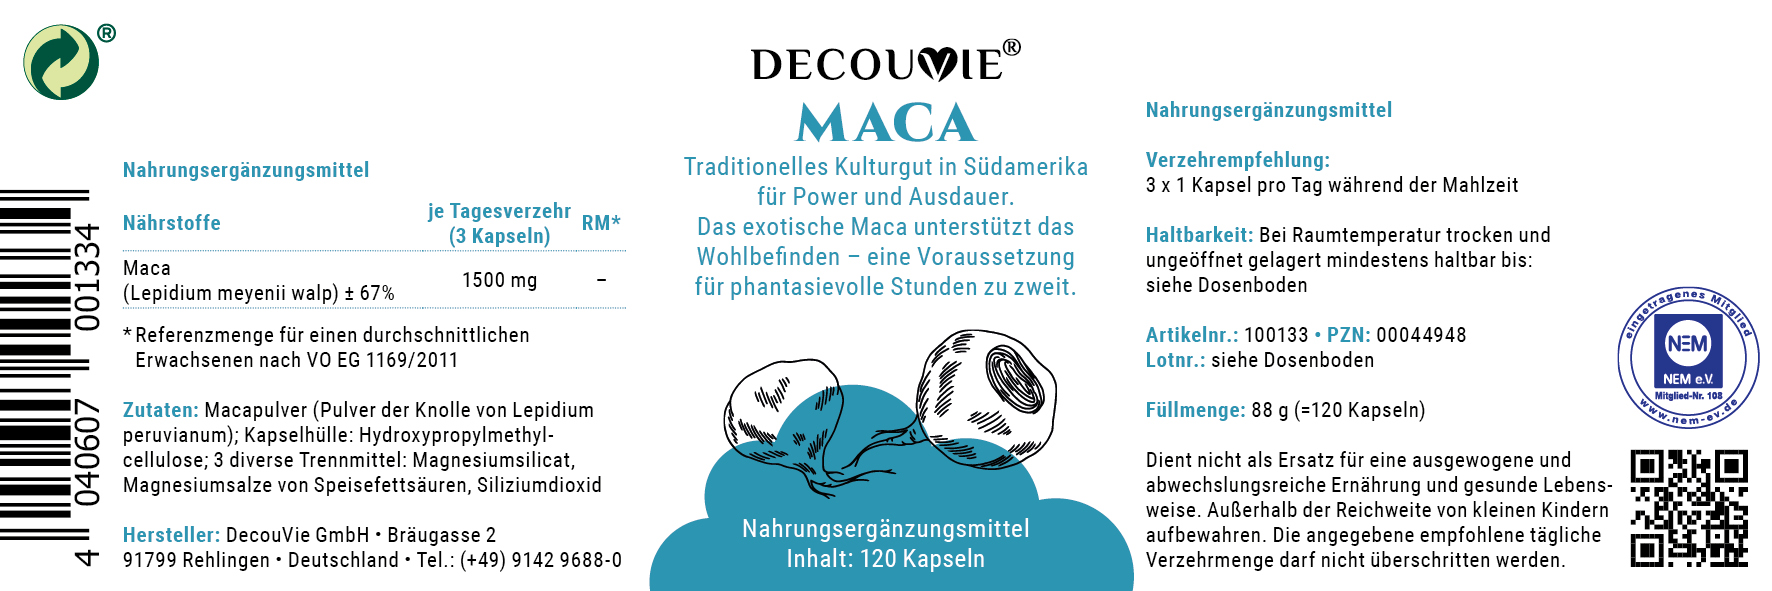 Maca (Peruanischer Ginseng) Traditionelles Kulturgut in Südamerika für Power und Ausdauer